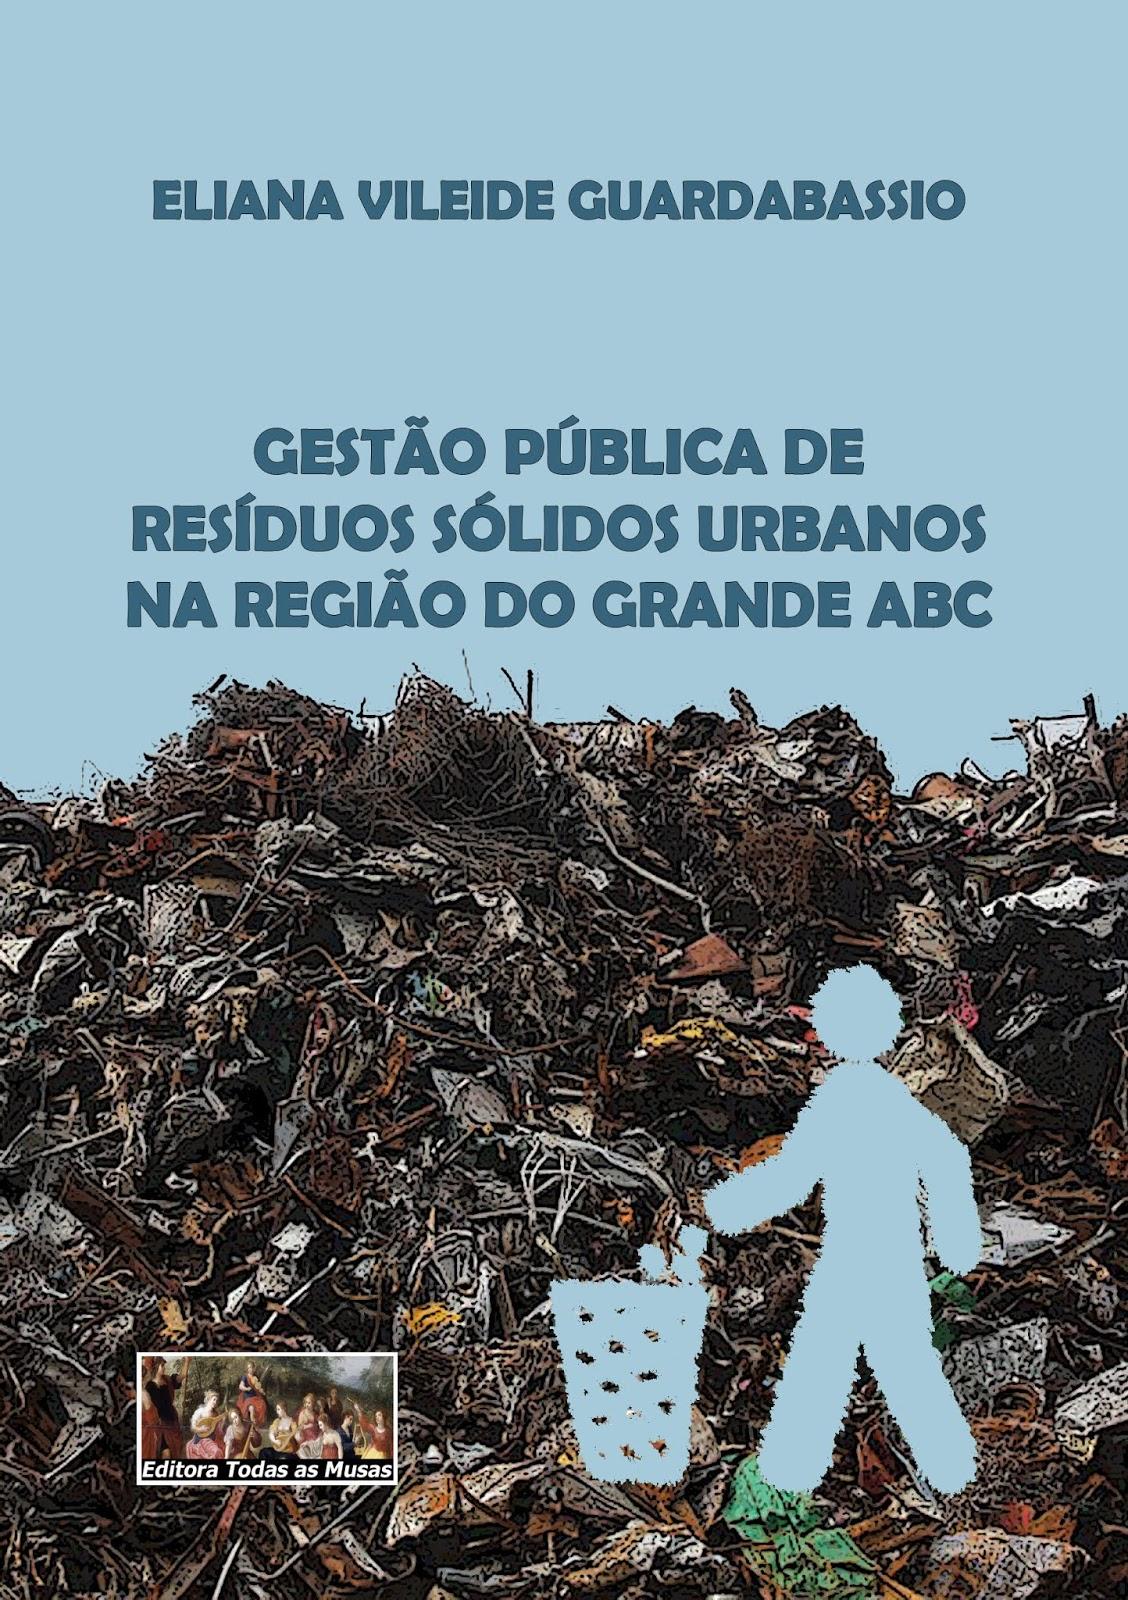 b519dca35 Foi realizada uma pesquisa, objeto de minha dissertação de mestrado, nos  sete municípios acerca da gestão dos resíduos. Conhecer as ações que vêm  sendo ...